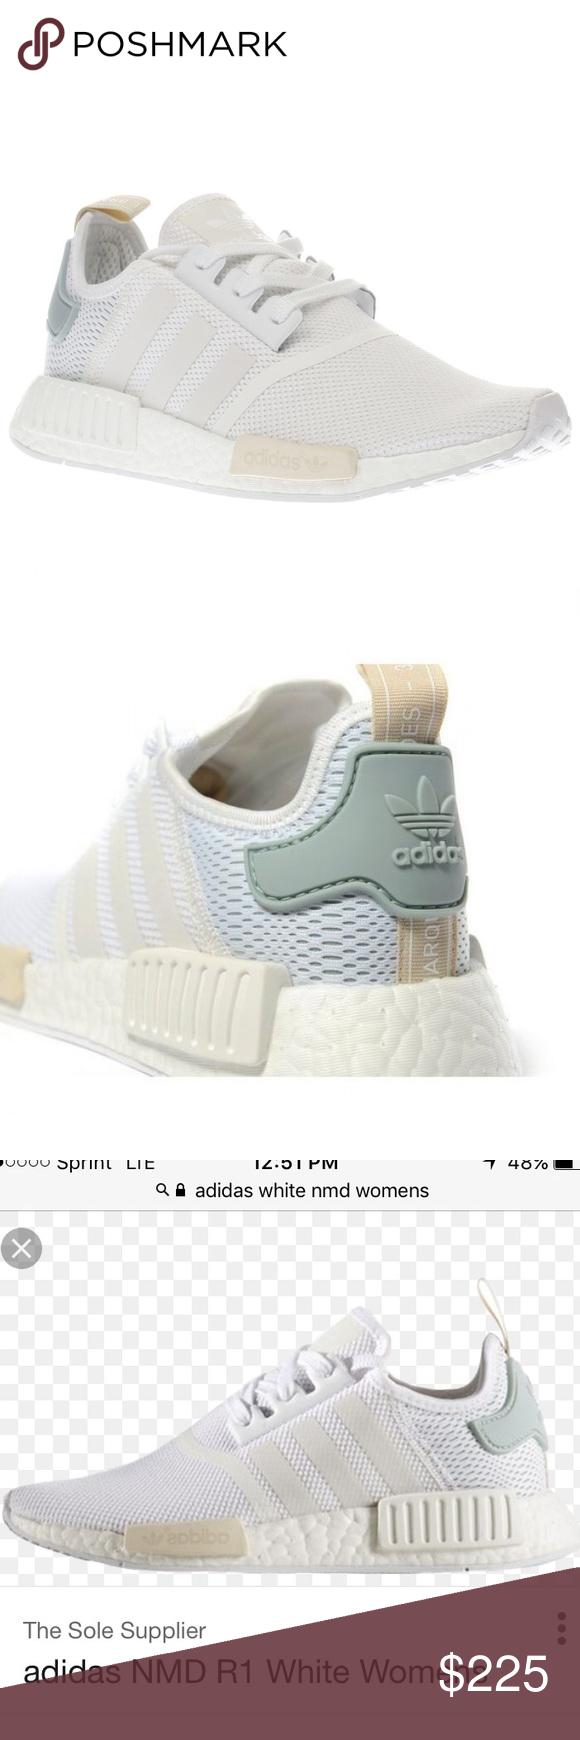 nuove adidas nmd mai indossato scarpe adidas adidas